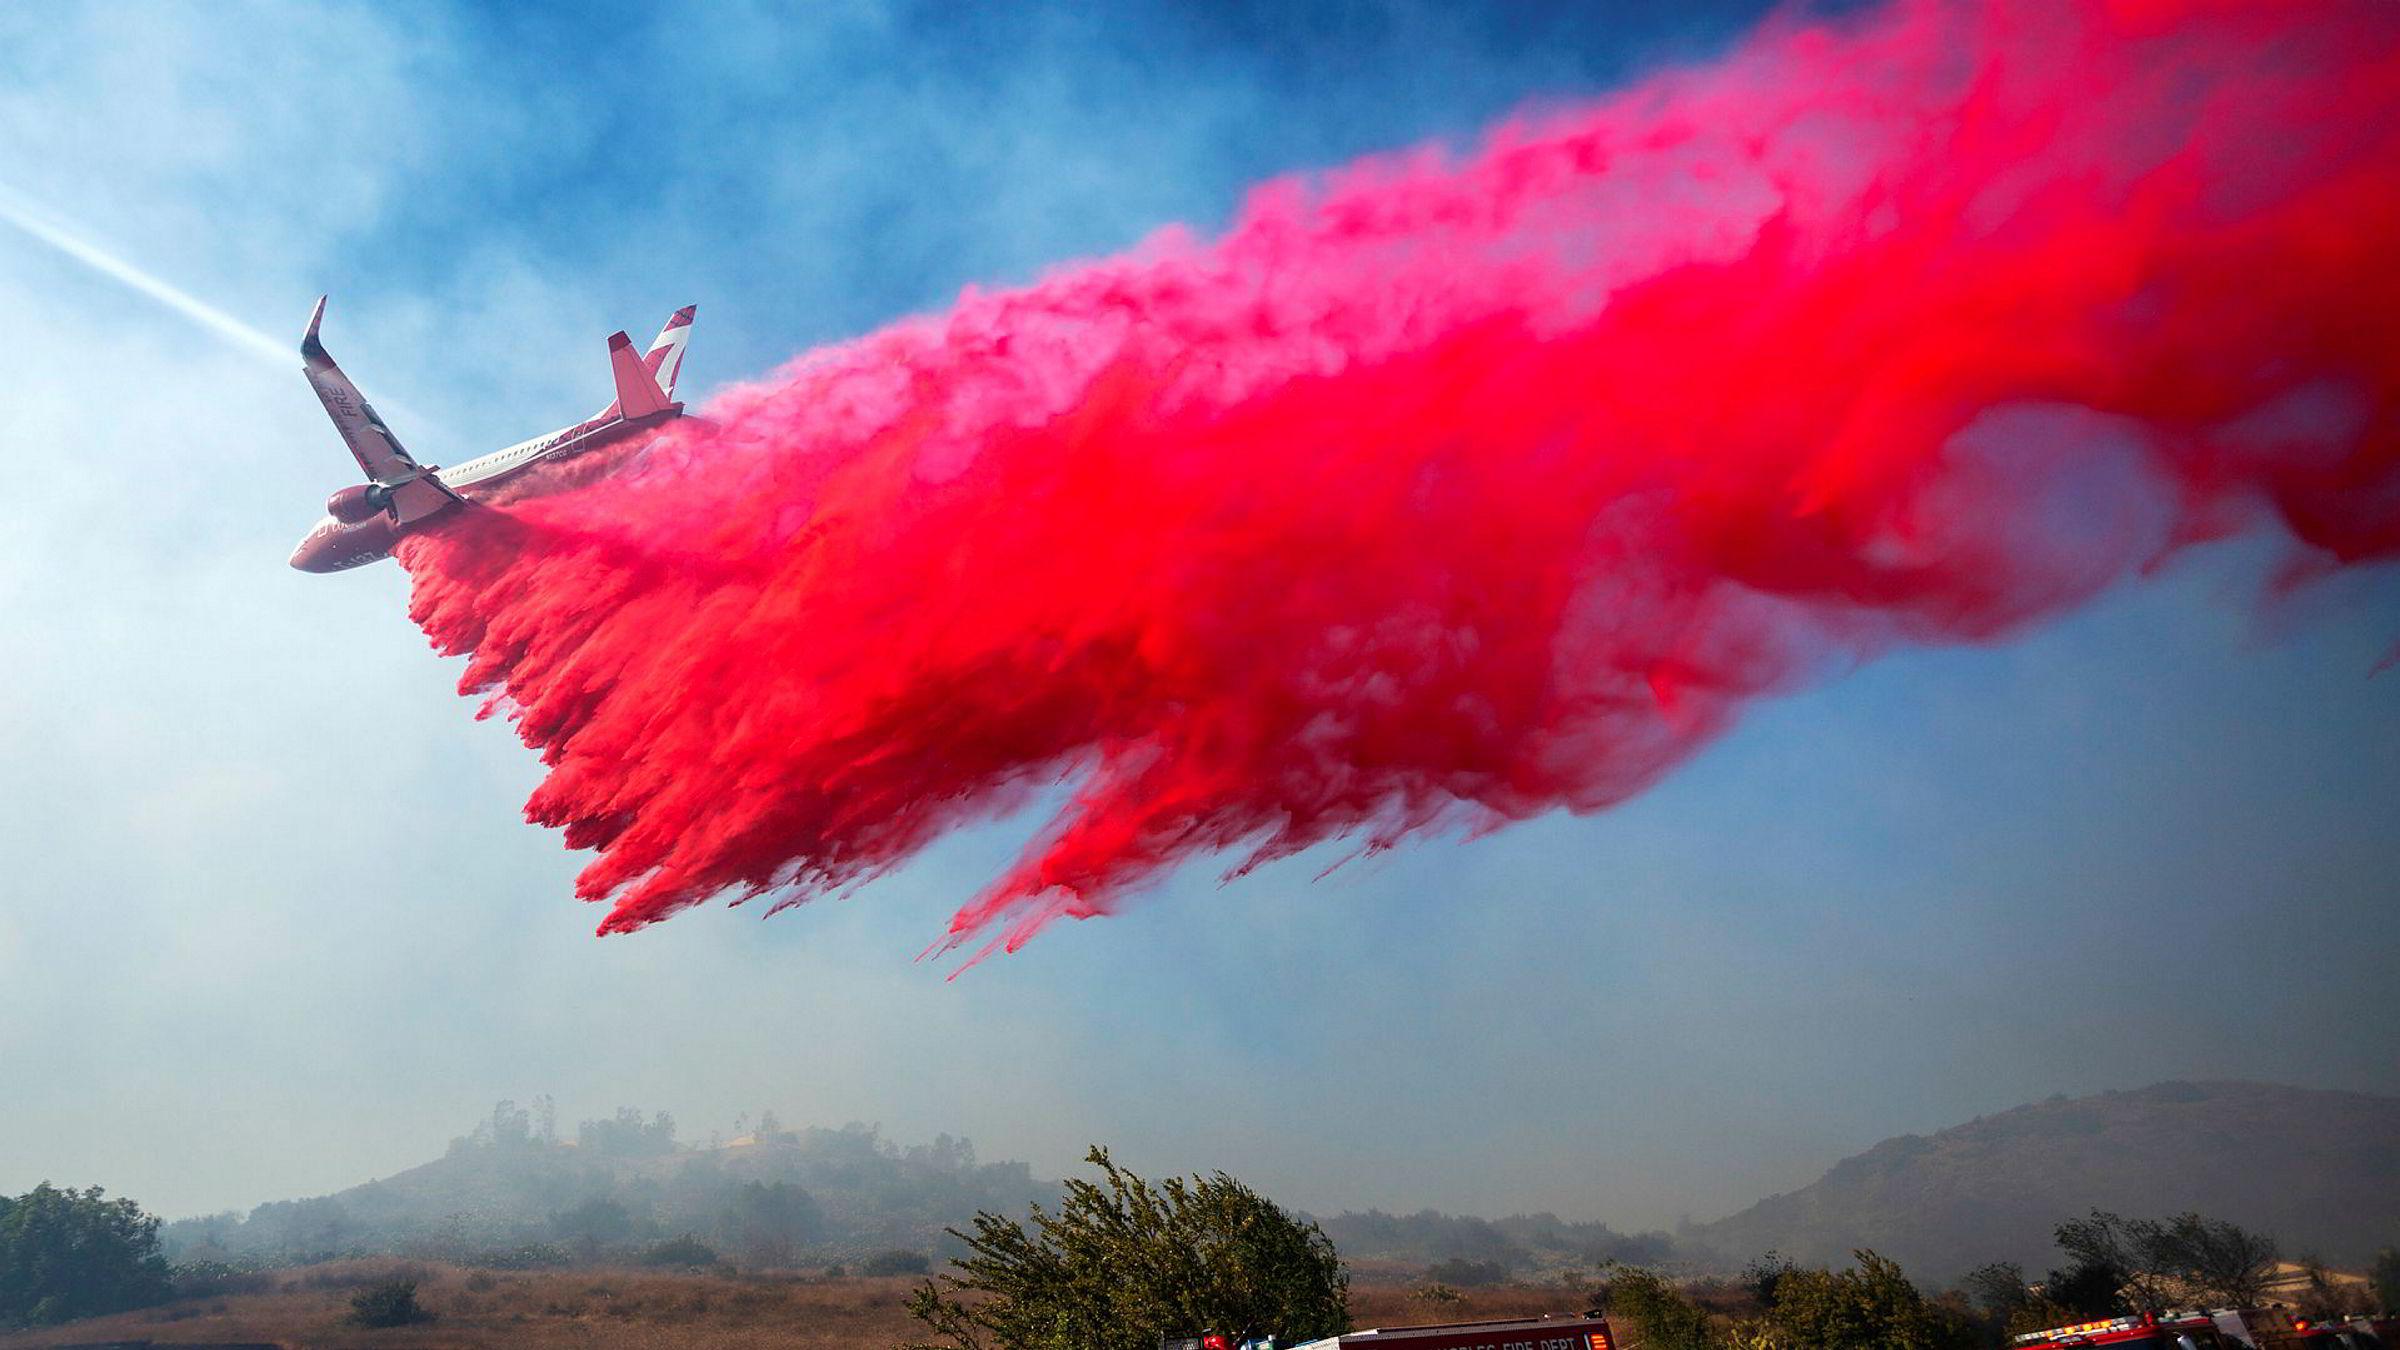 Et brannfly bistår mannskapene på bakken i kampen mot en brann nær Simi Valley i California i slutten av oktober. Kombinasjonen sterk vind og ekstrem tørke gjorde slukkearbeidet svært vanskelig.